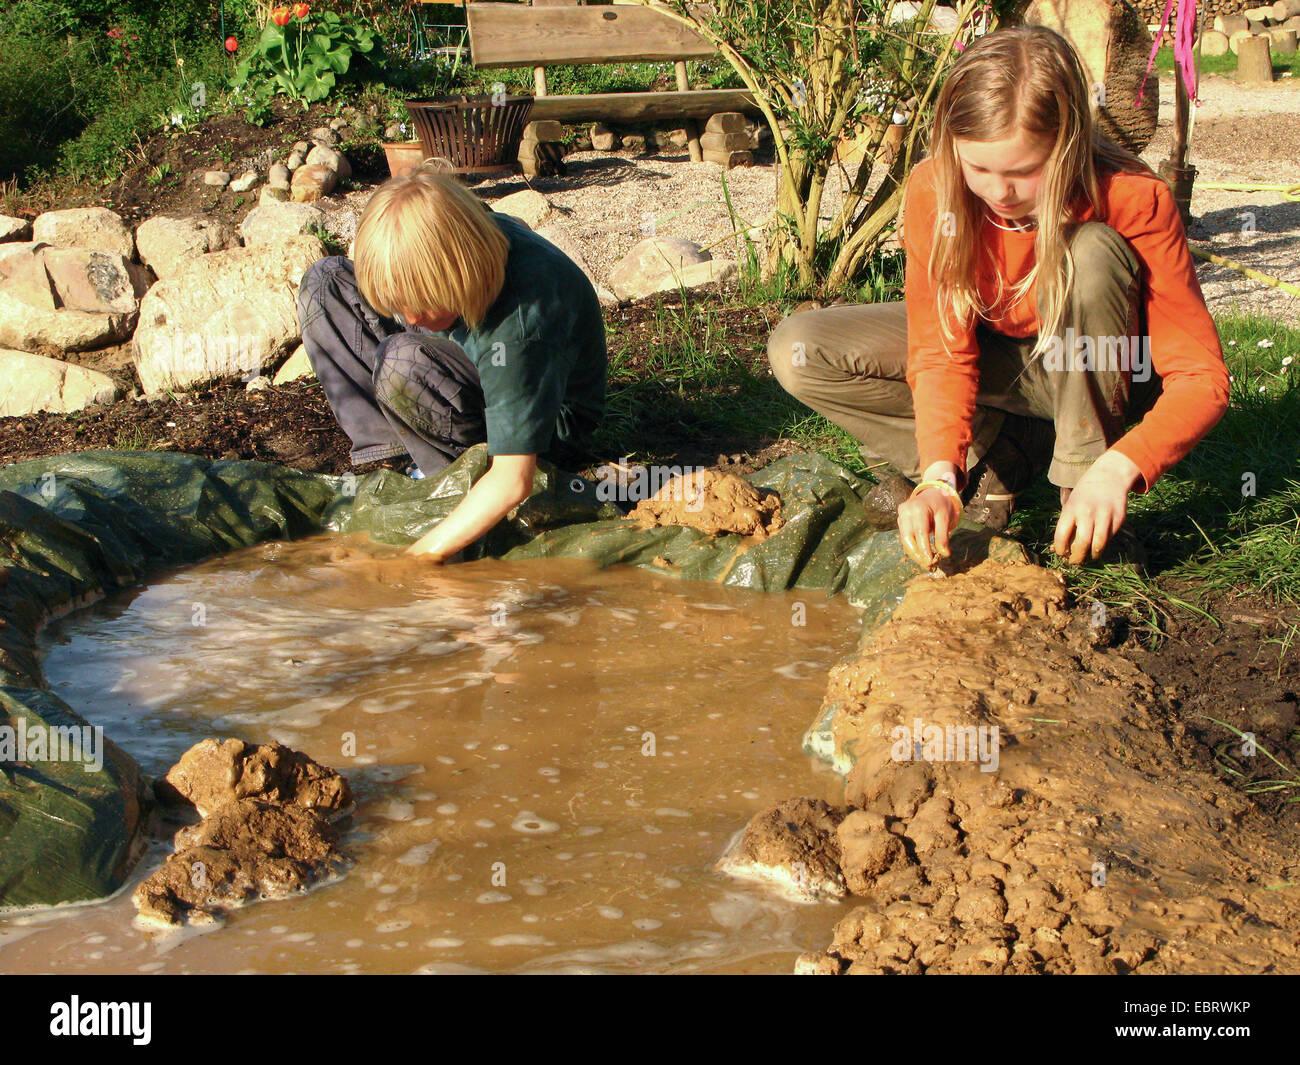 Berühmt Teichbau mit Lehm und Kunststoff-Folie, Kinder bauen einen kleinen &DT_36